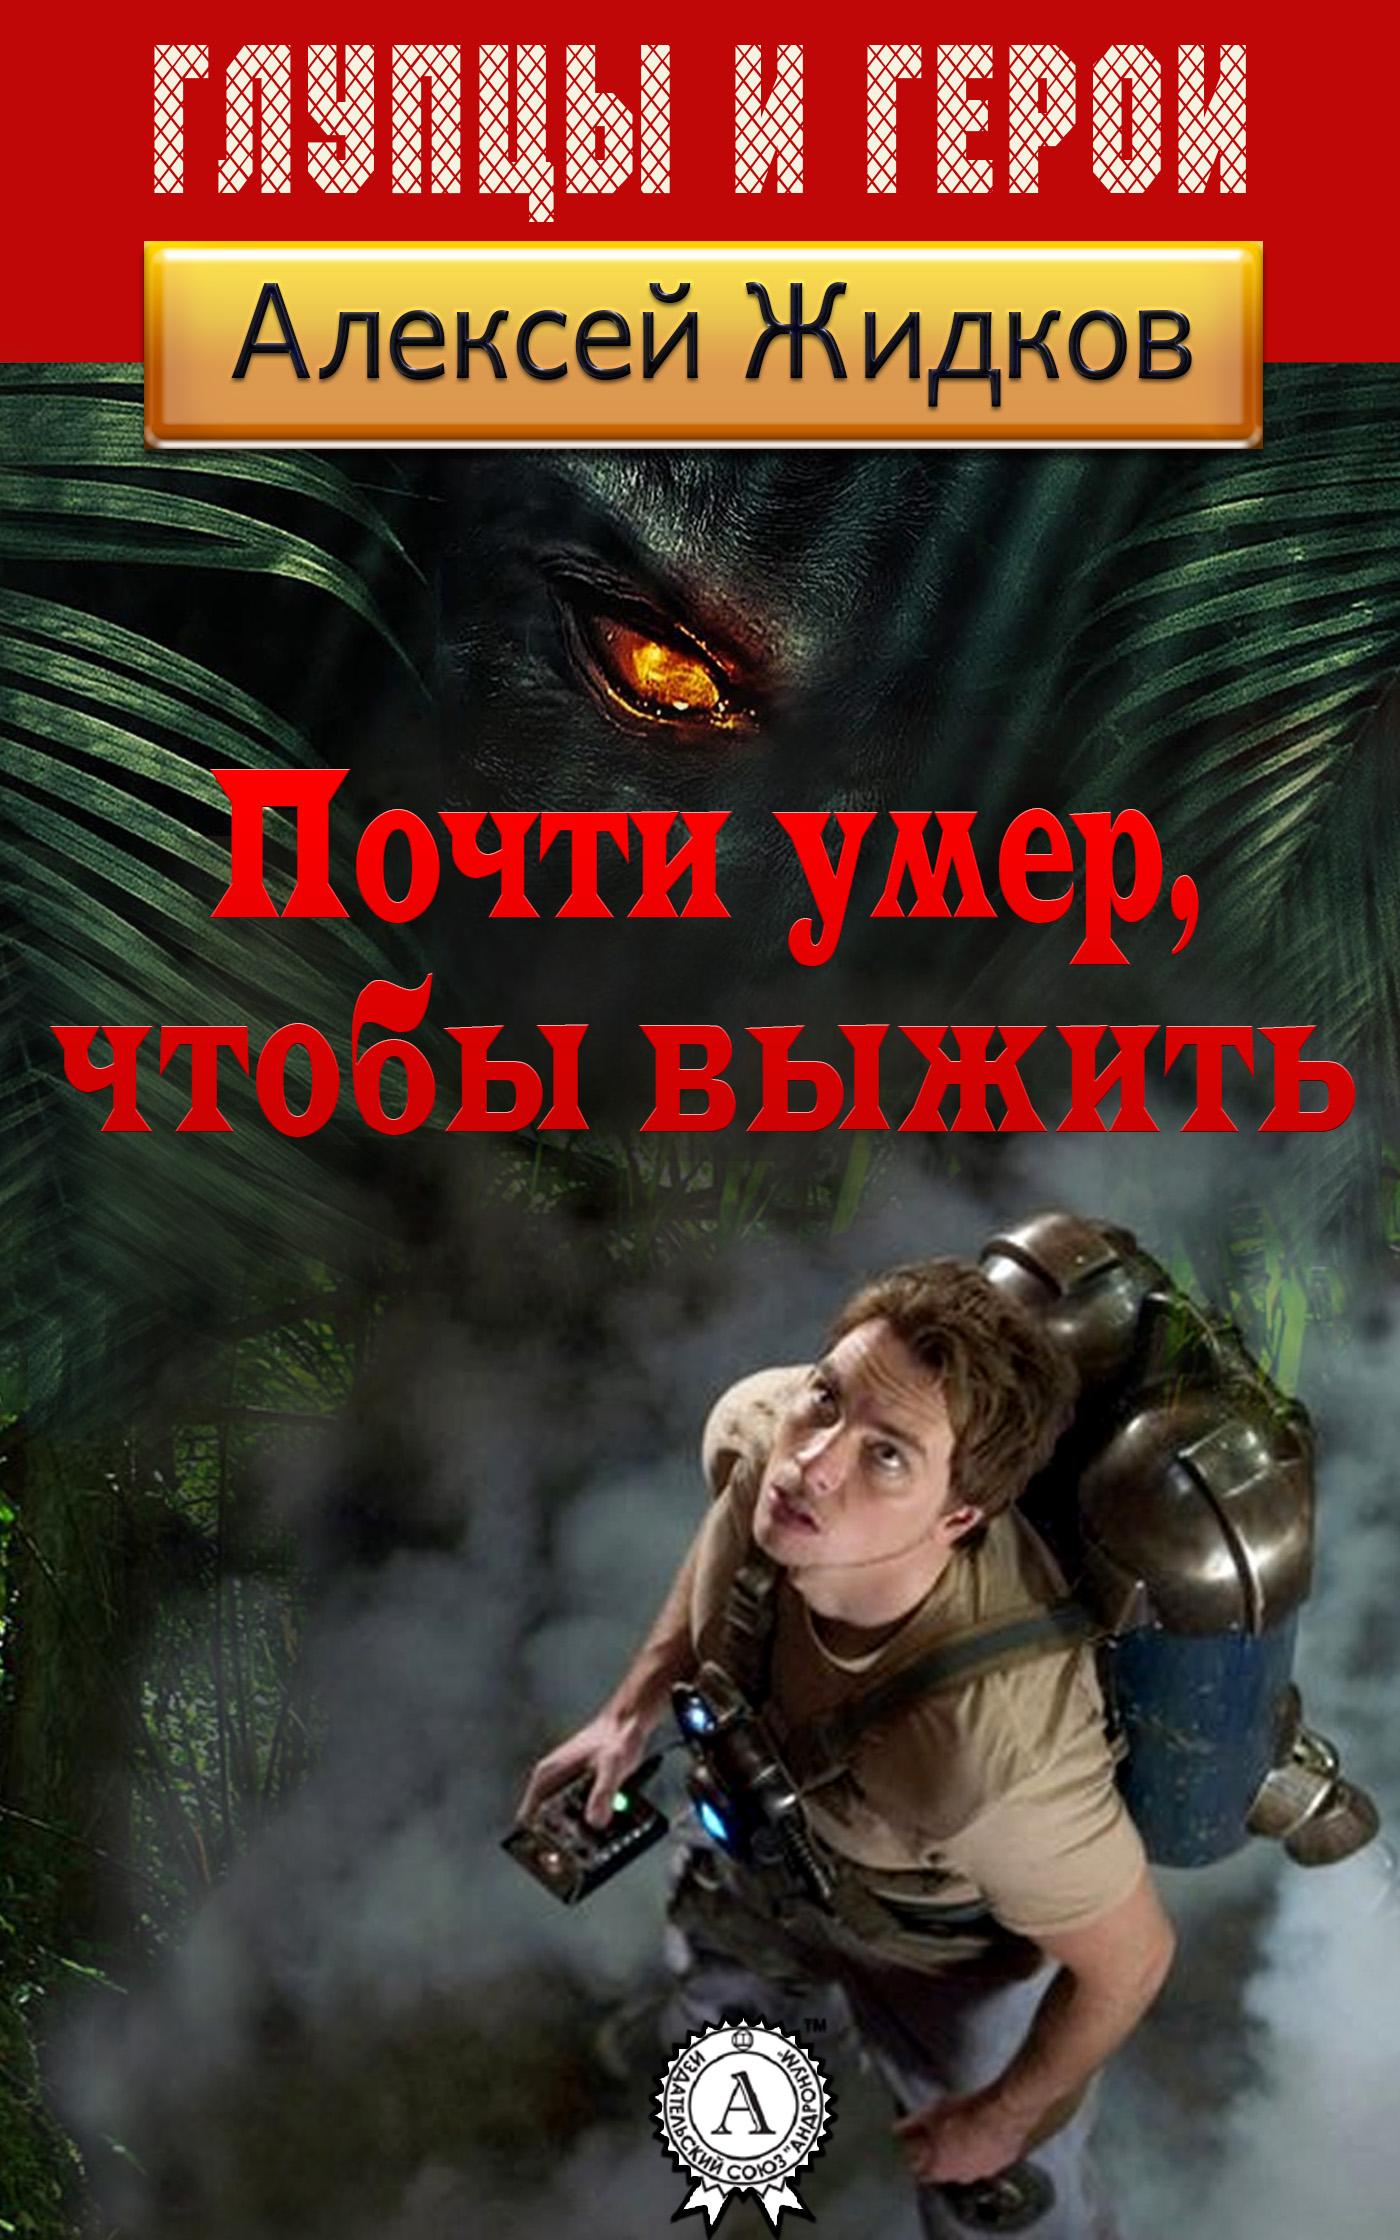 Скачать серию книг попаданцы в формате fb2